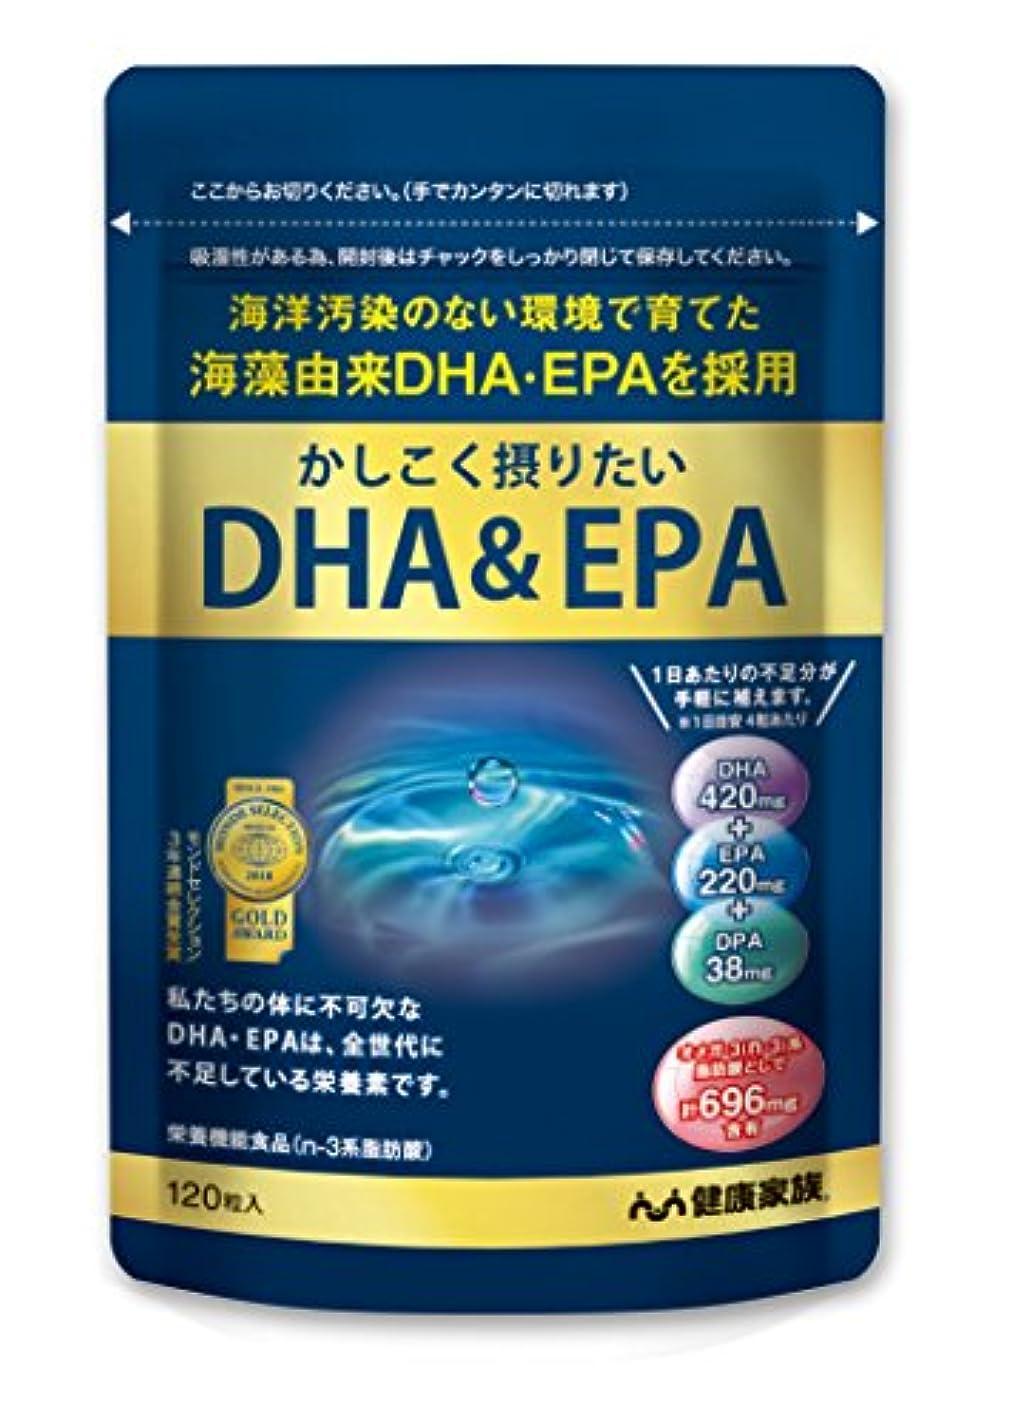 過言契約する反毒【健康家族】 かしこく摂りたいDHA&EPA (1粒の内容量334mg×120粒)